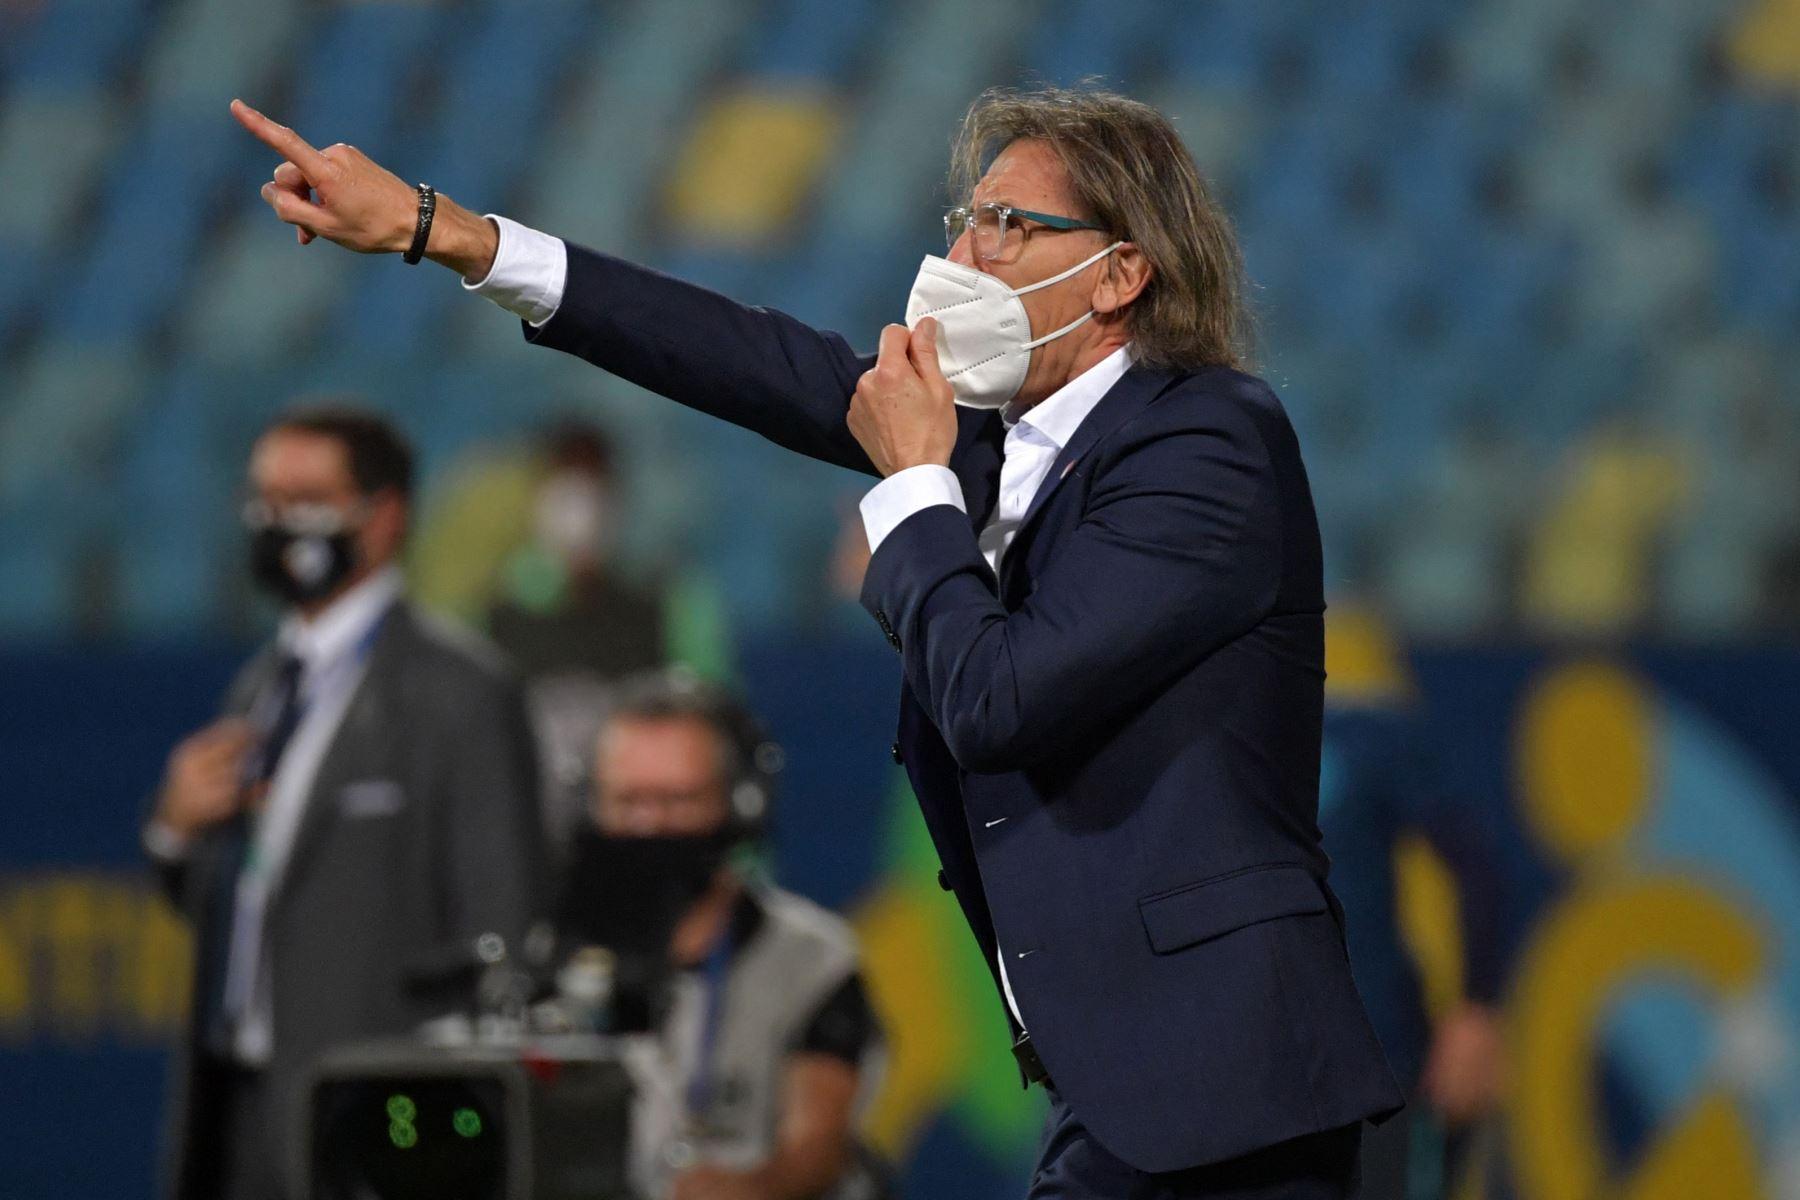 El técnico peruano, el argentino Ricardo Gareca, hace gestos durante el partido de la fase de grupos del torneo de fútbol Copa América 2021 contra Ecuador en el Estadio Olímpico de Goiania, Brasil.  Foto: AFP